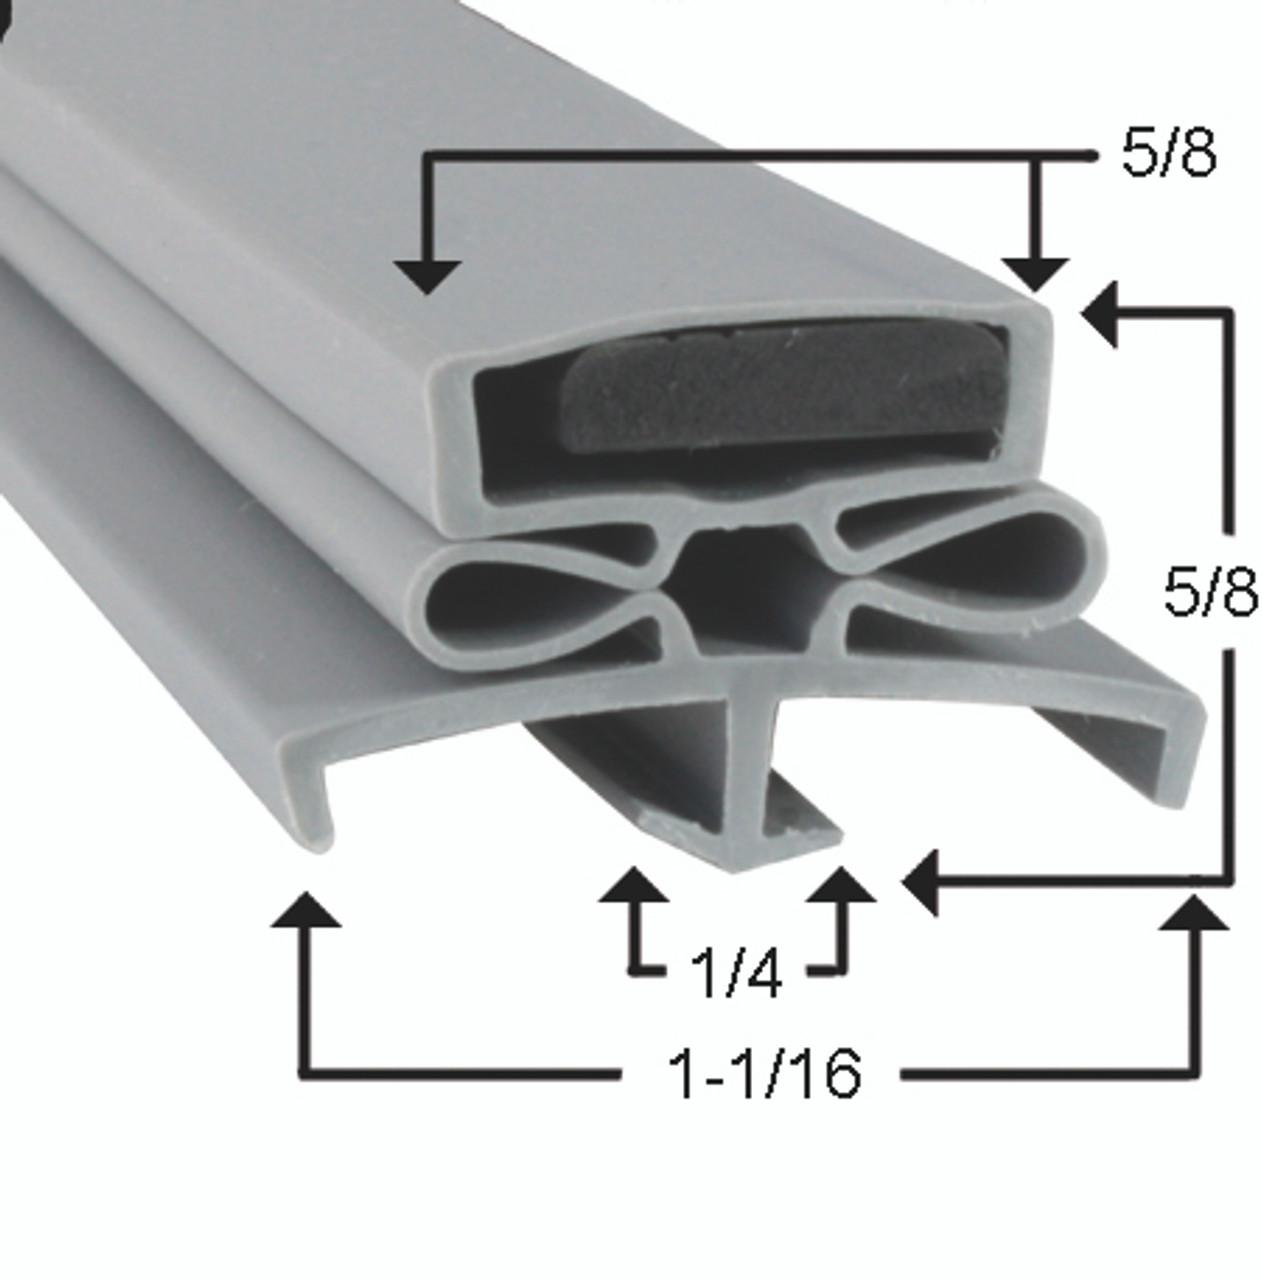 Glenco Door Gasket Profile 166 22 3/4 x 59 3/8 -2